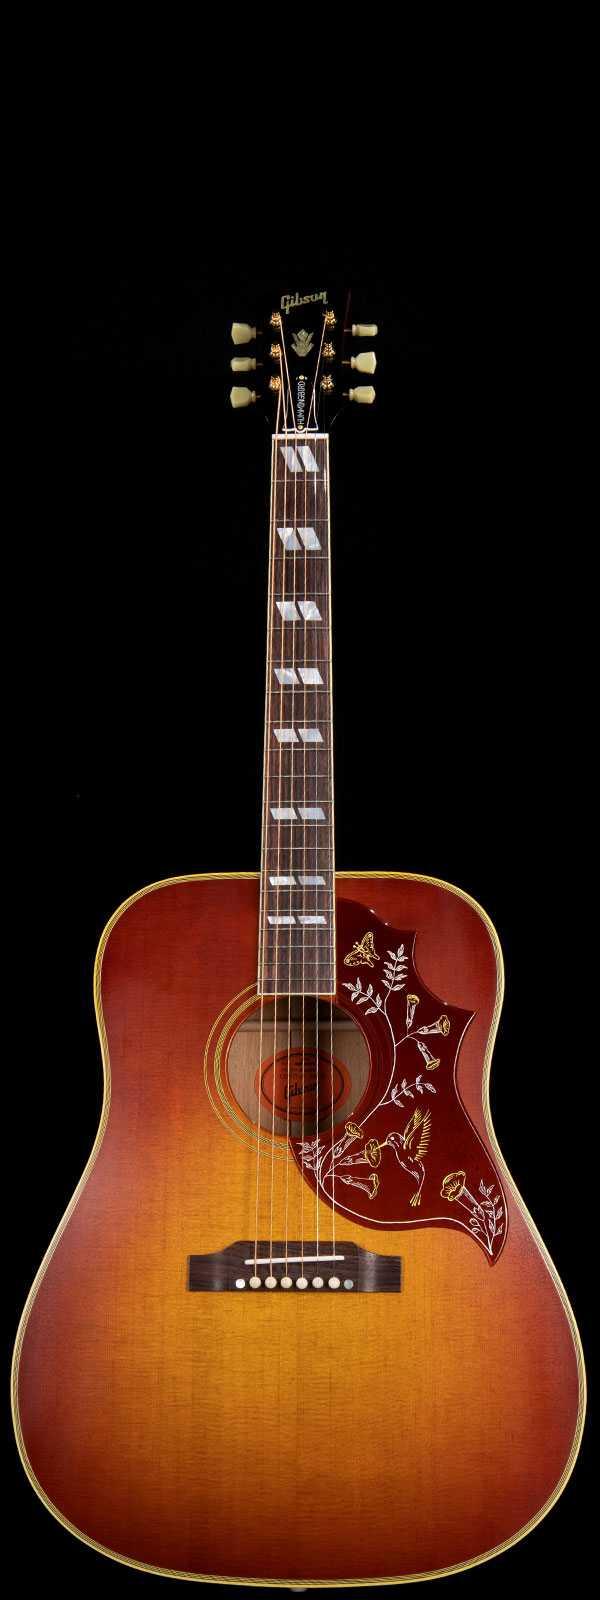 Gibson 1960 Hummingbird Fixed Bridge Sitka Spruce Top Heritage Cherry Sunburst